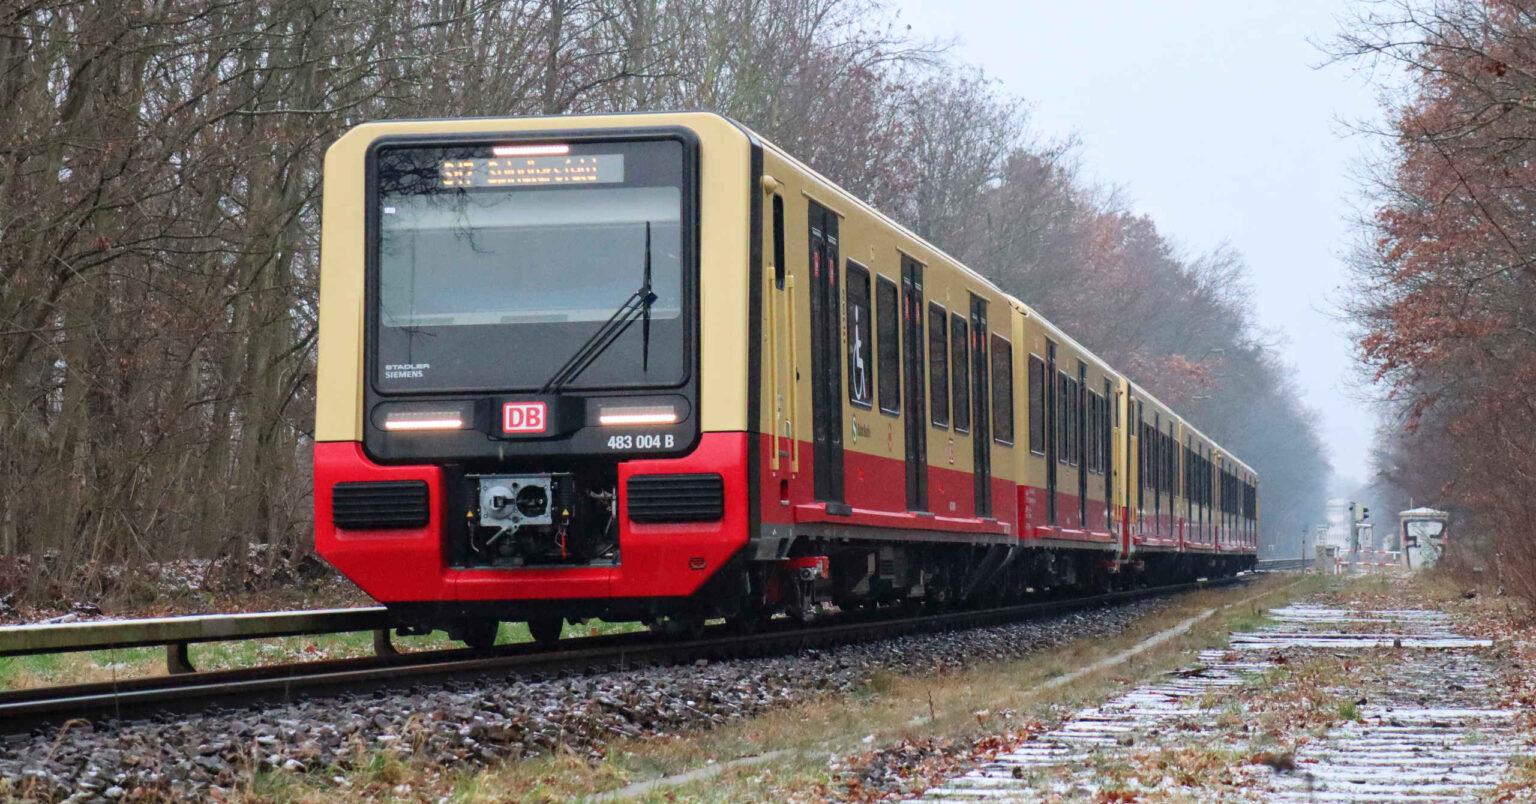 Doble composición de la serie 483/484 del S-Bahn de Berlín en su primer día de servicio. (CC BY SA) MIRKONE